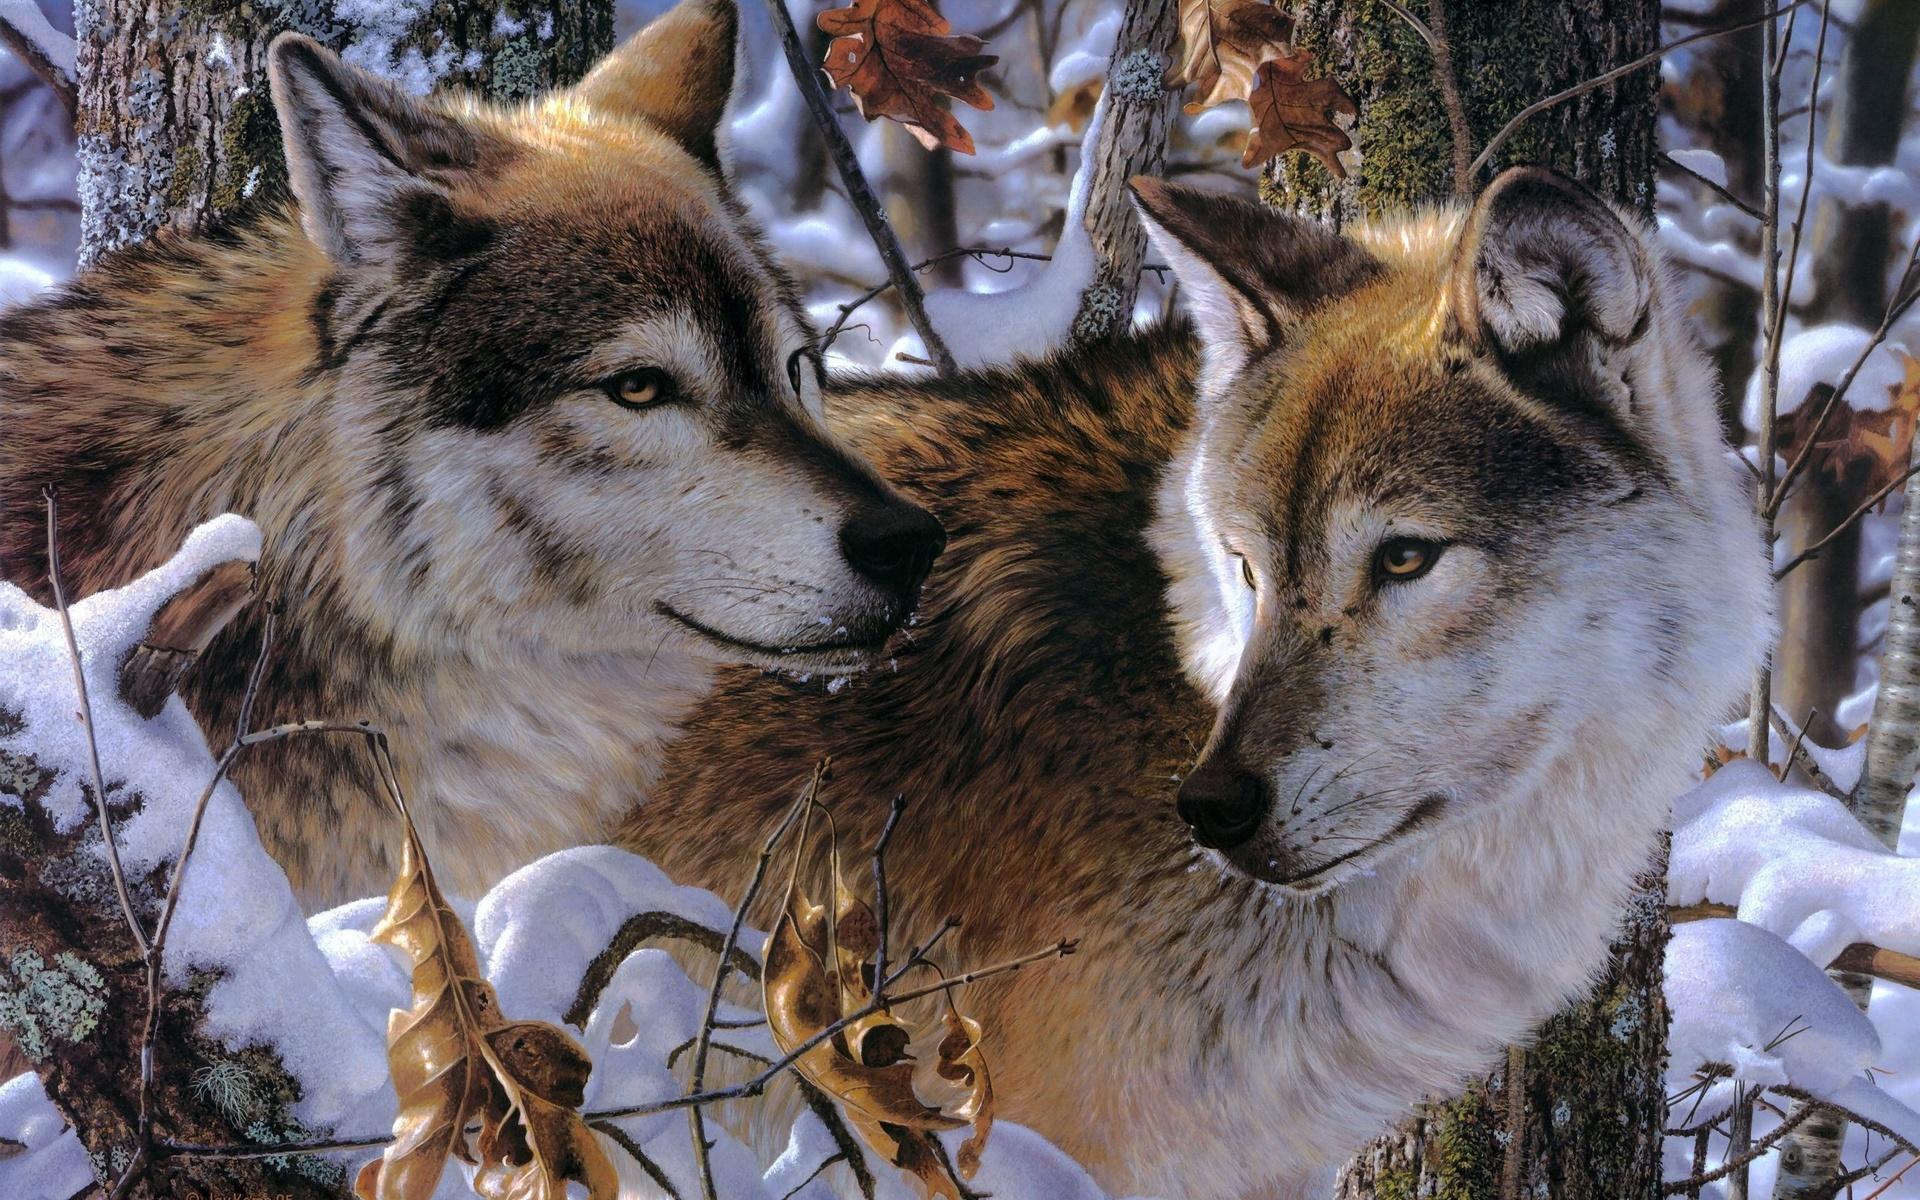 Открытке днем, открытка волчица и волк